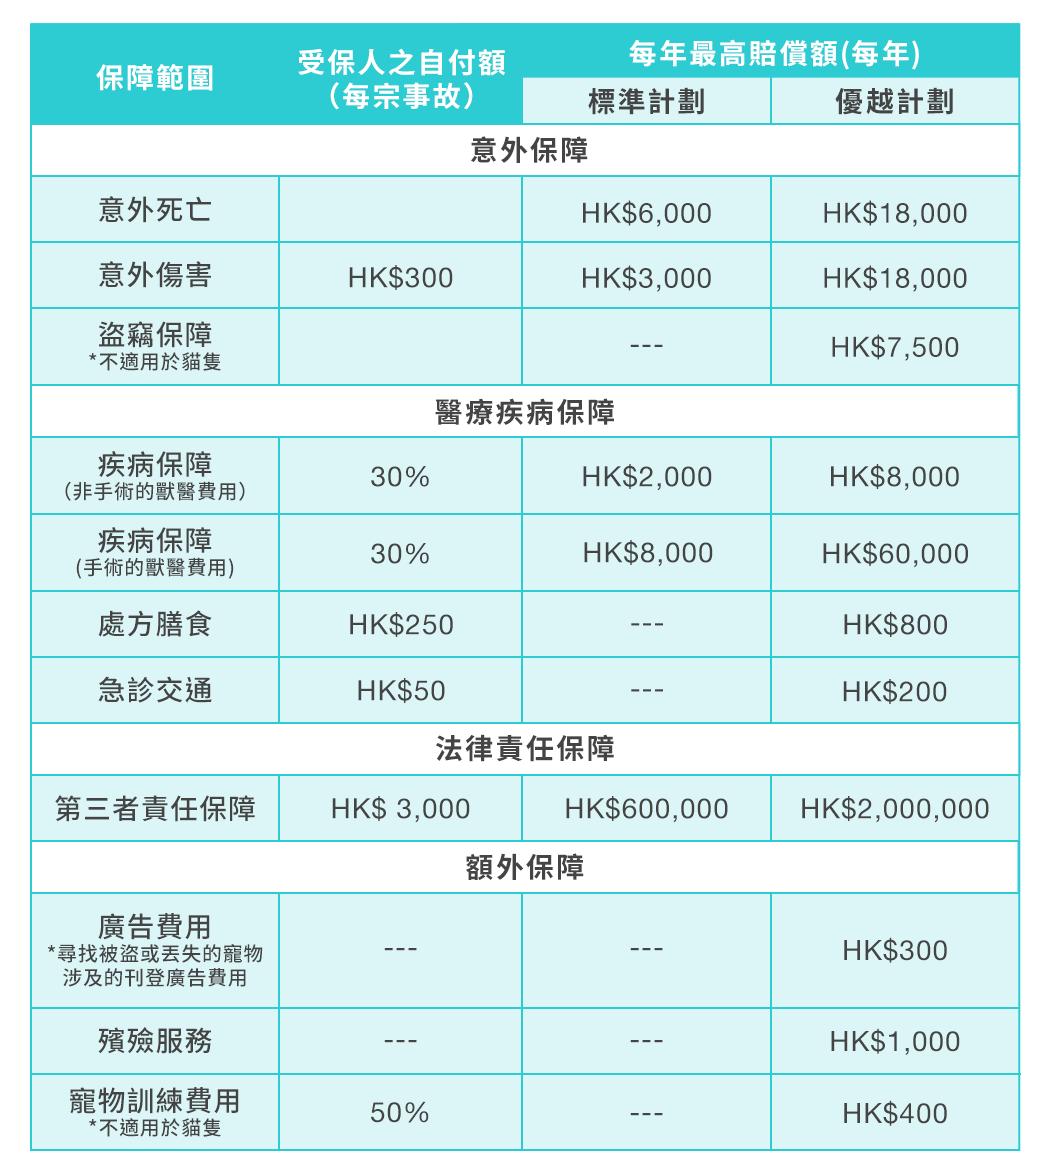 PetbleCare 寵物保險 香港 買寵物保險 貓貓 狗狗 點揀寵物保險 唔同計劃 有乜分別 邊份最啱我 總表 計劃表